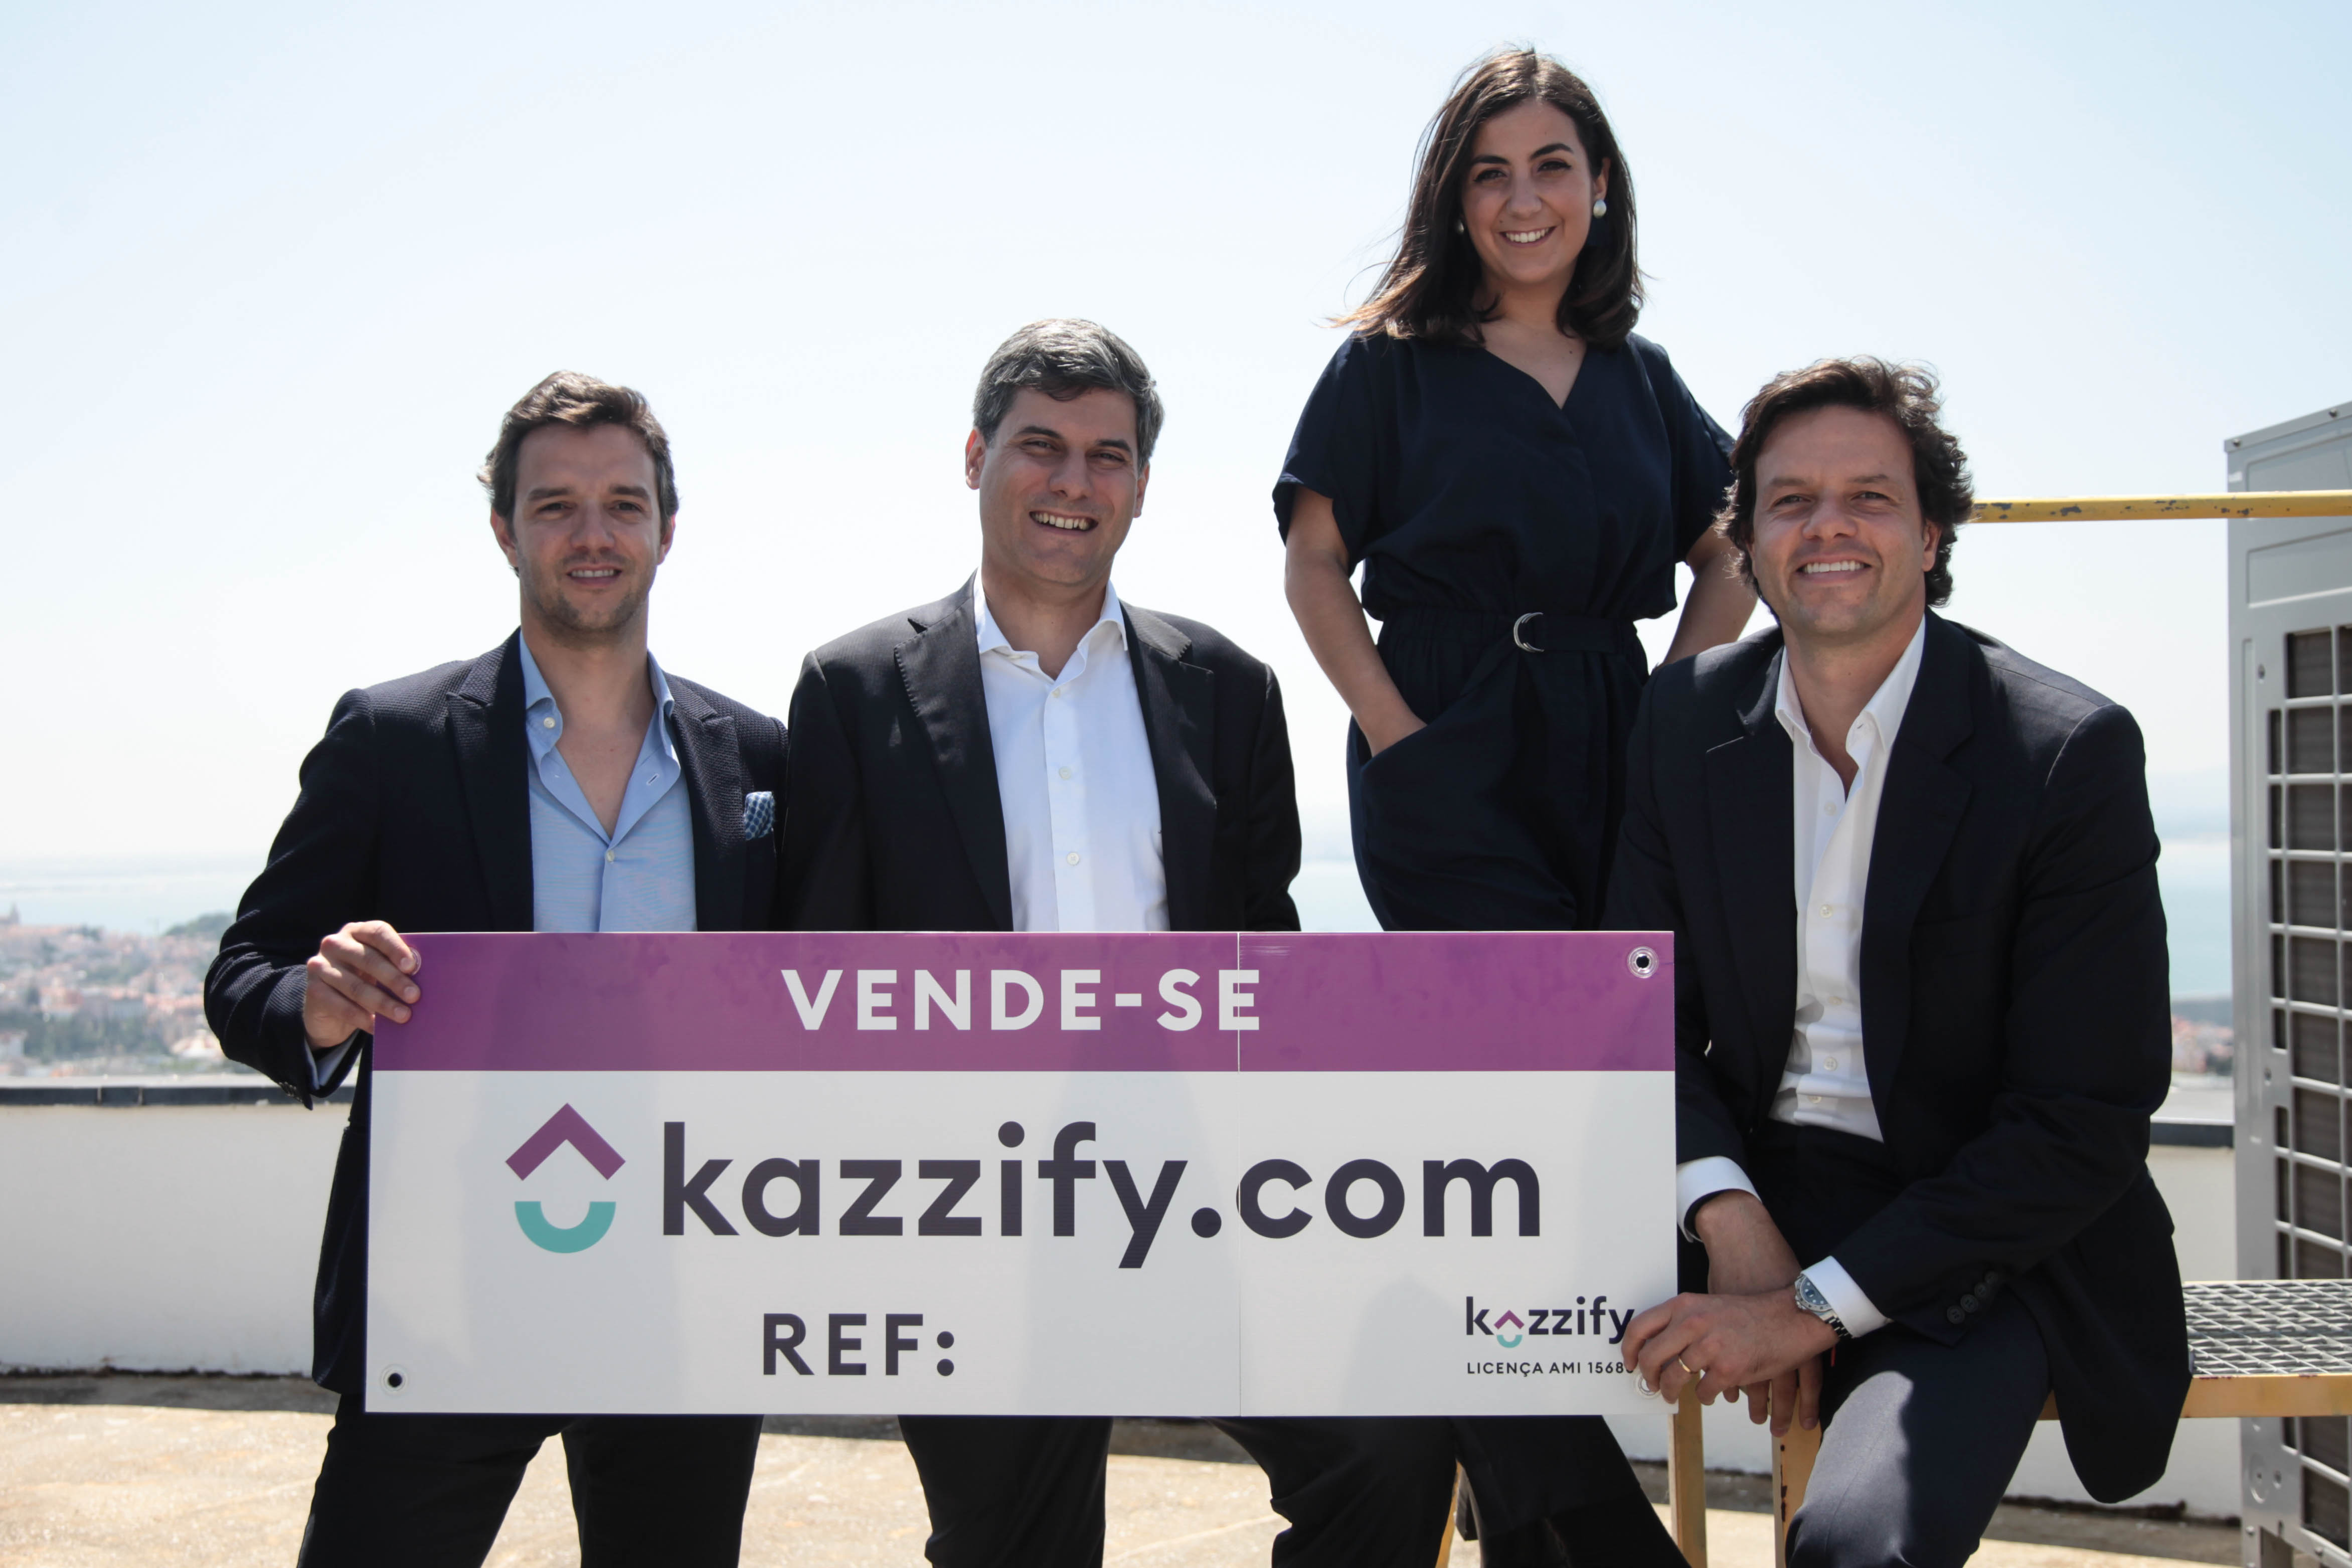 Kazzify